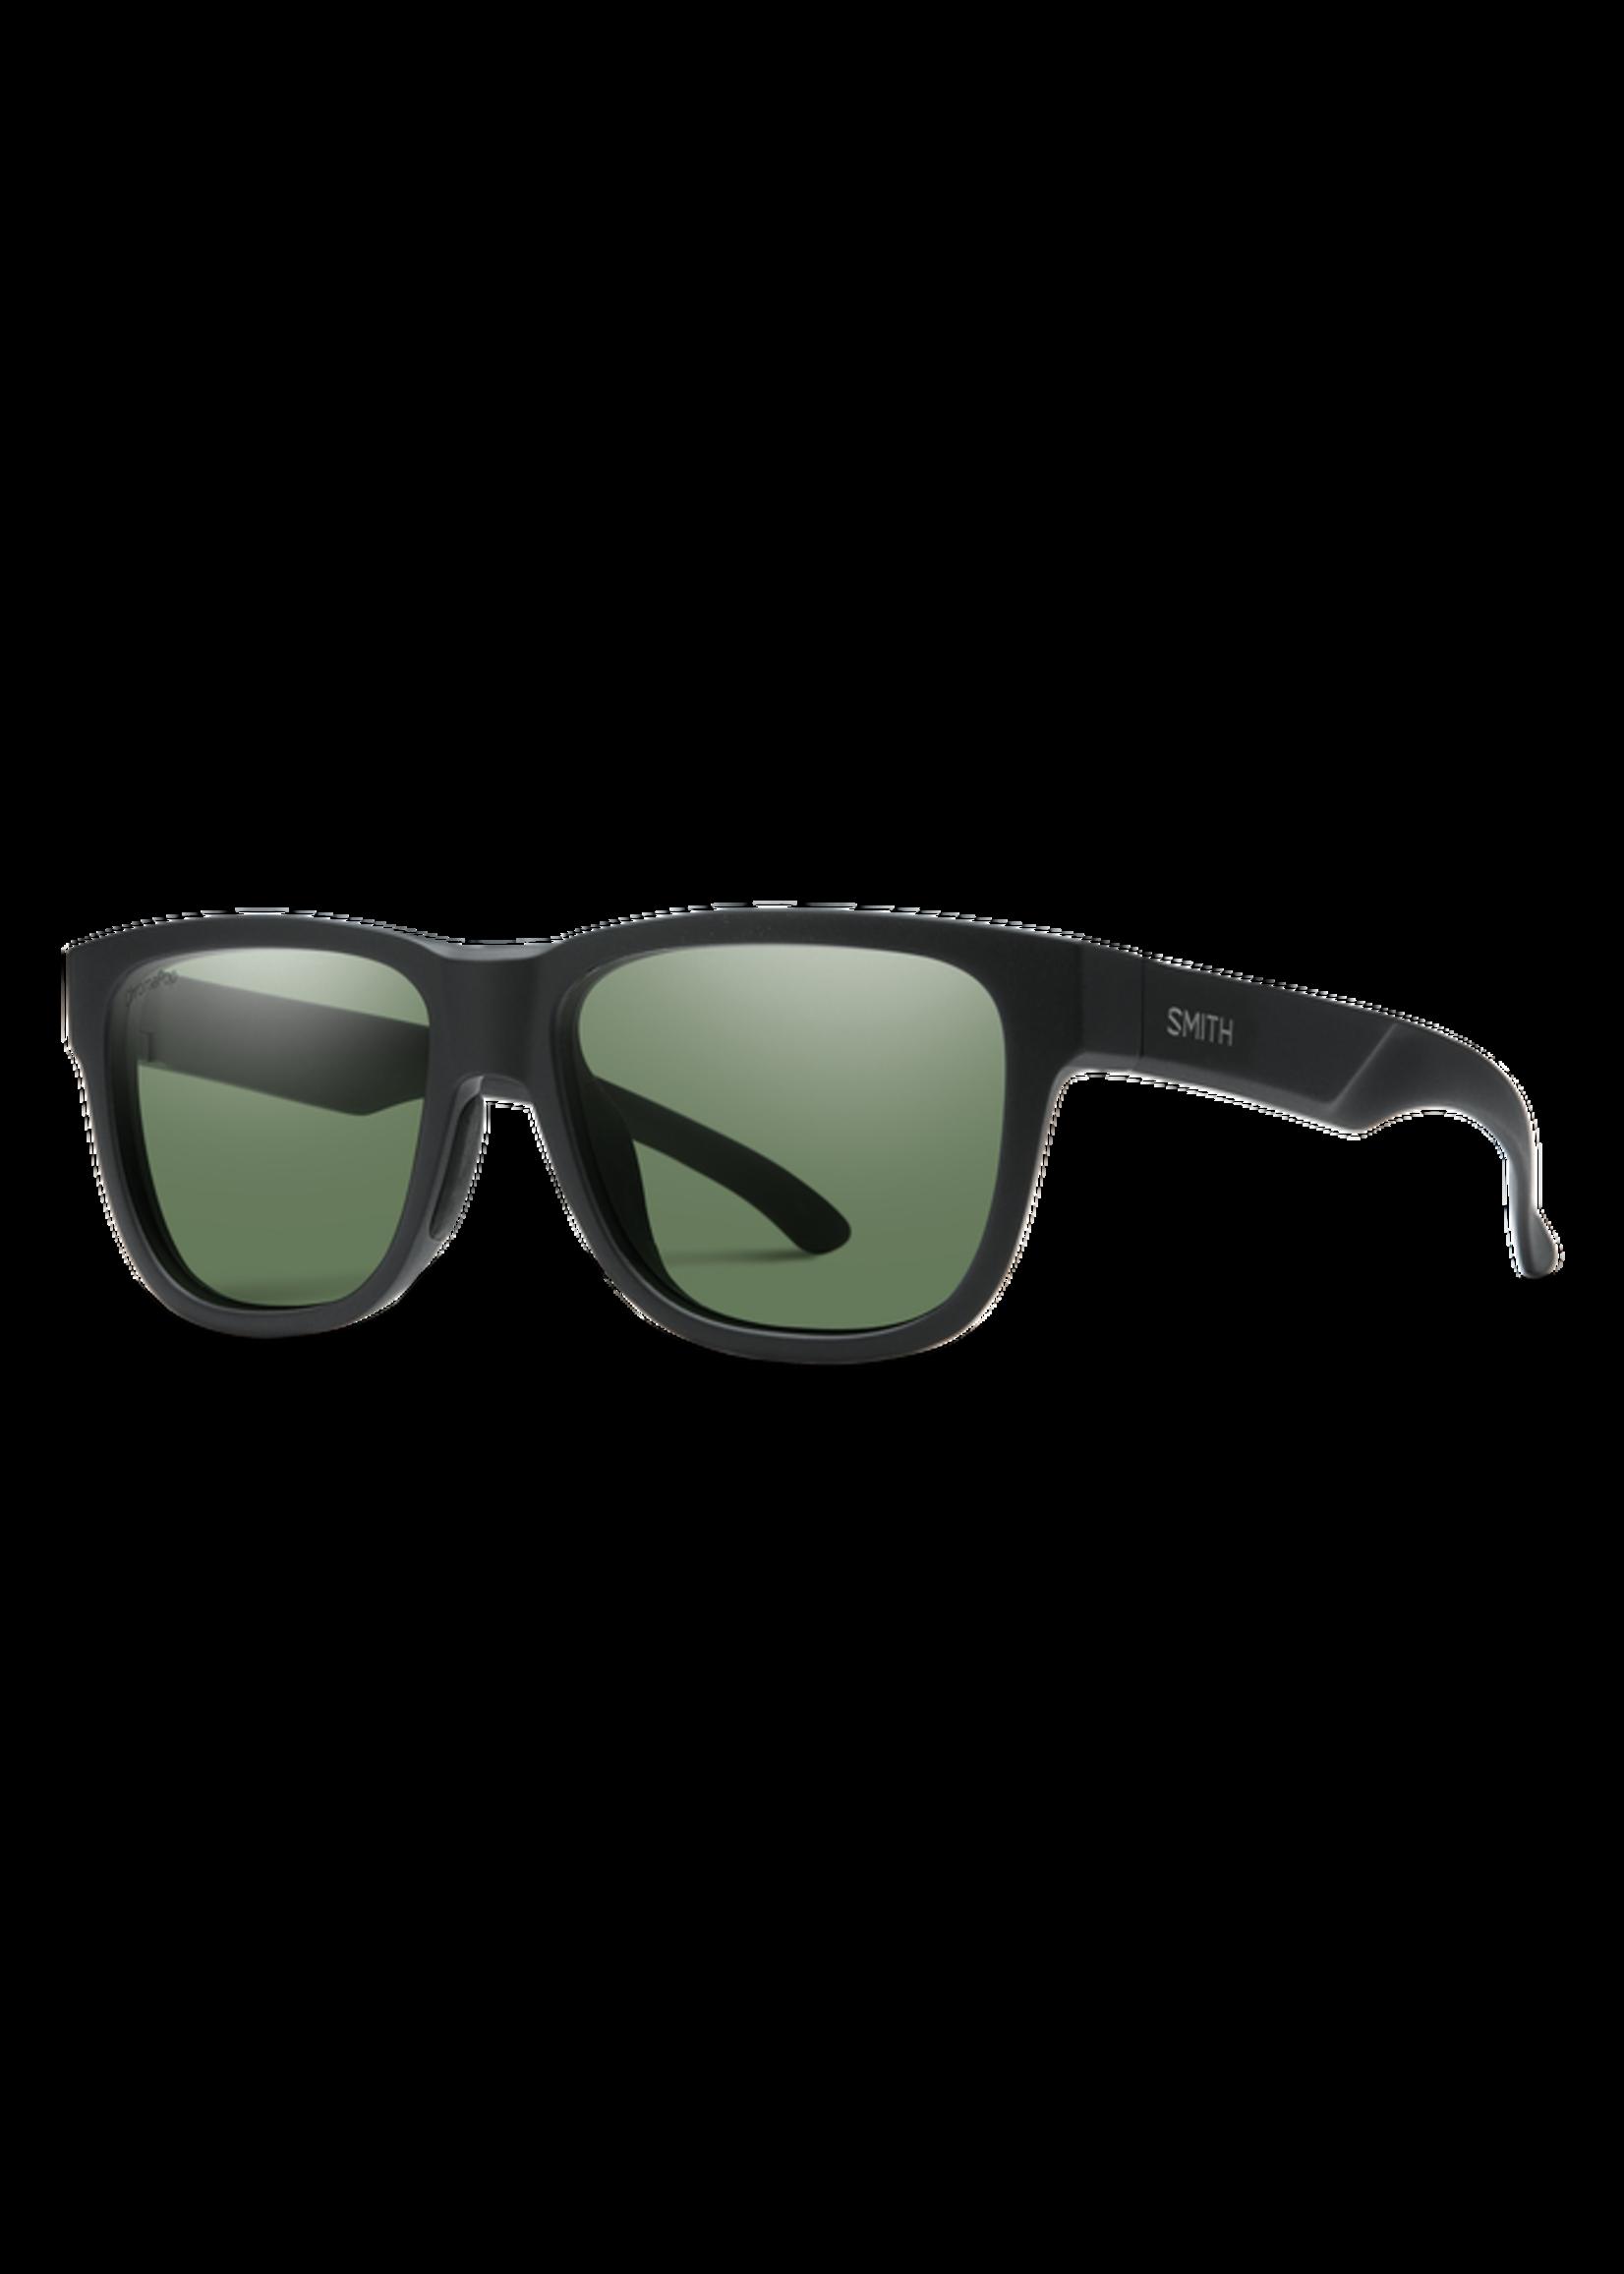 smith Smith Lowdown Slim 2 Sunglasses